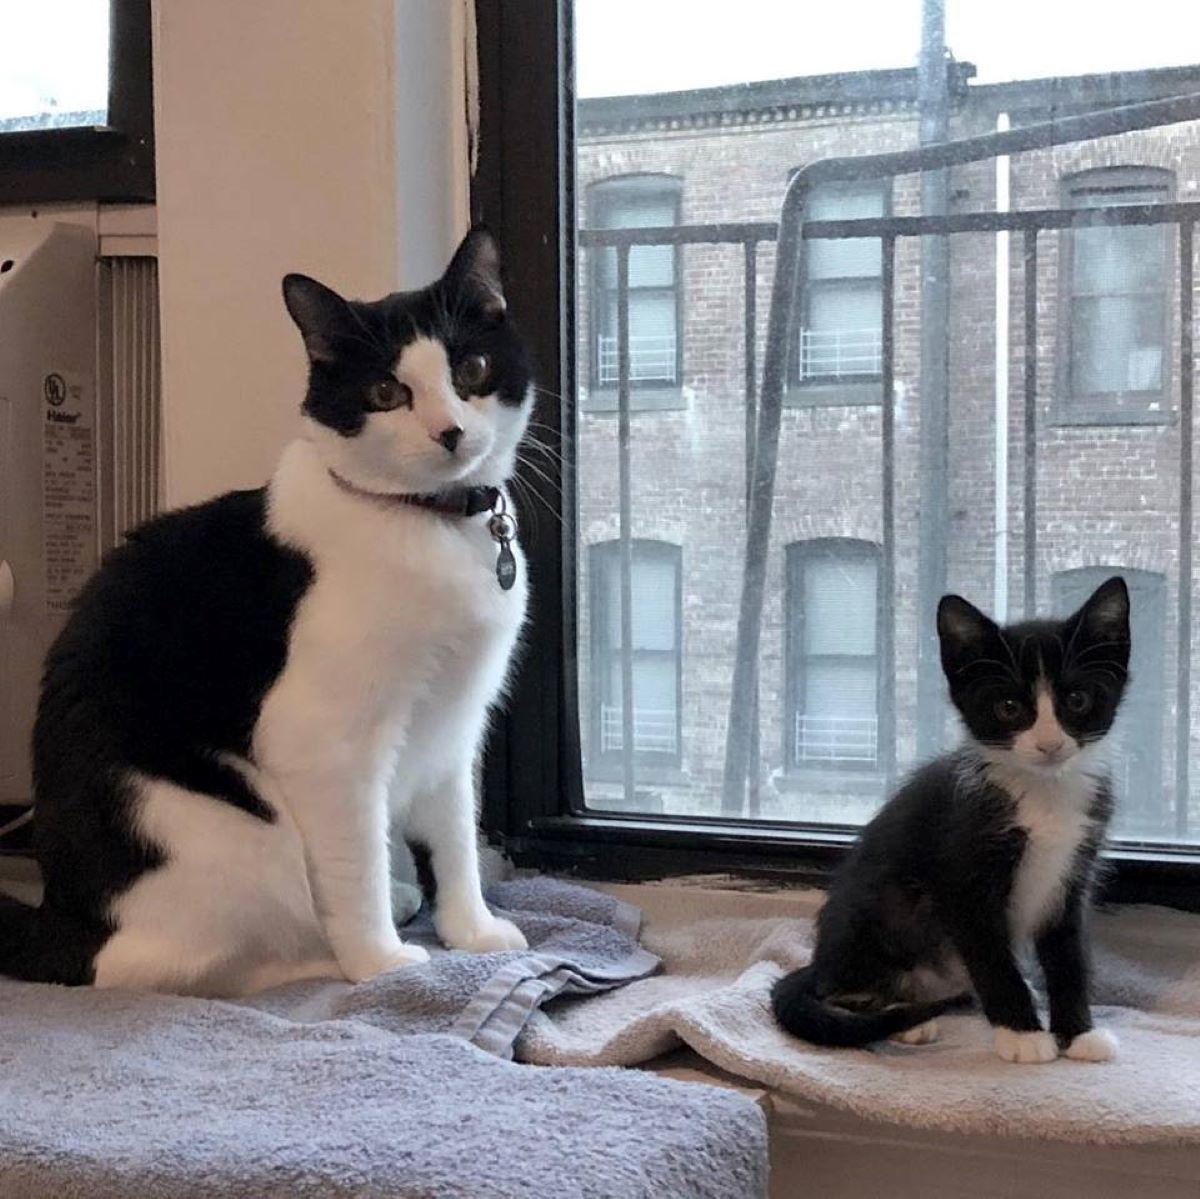 gattino-piccolo-e-gatto-grande